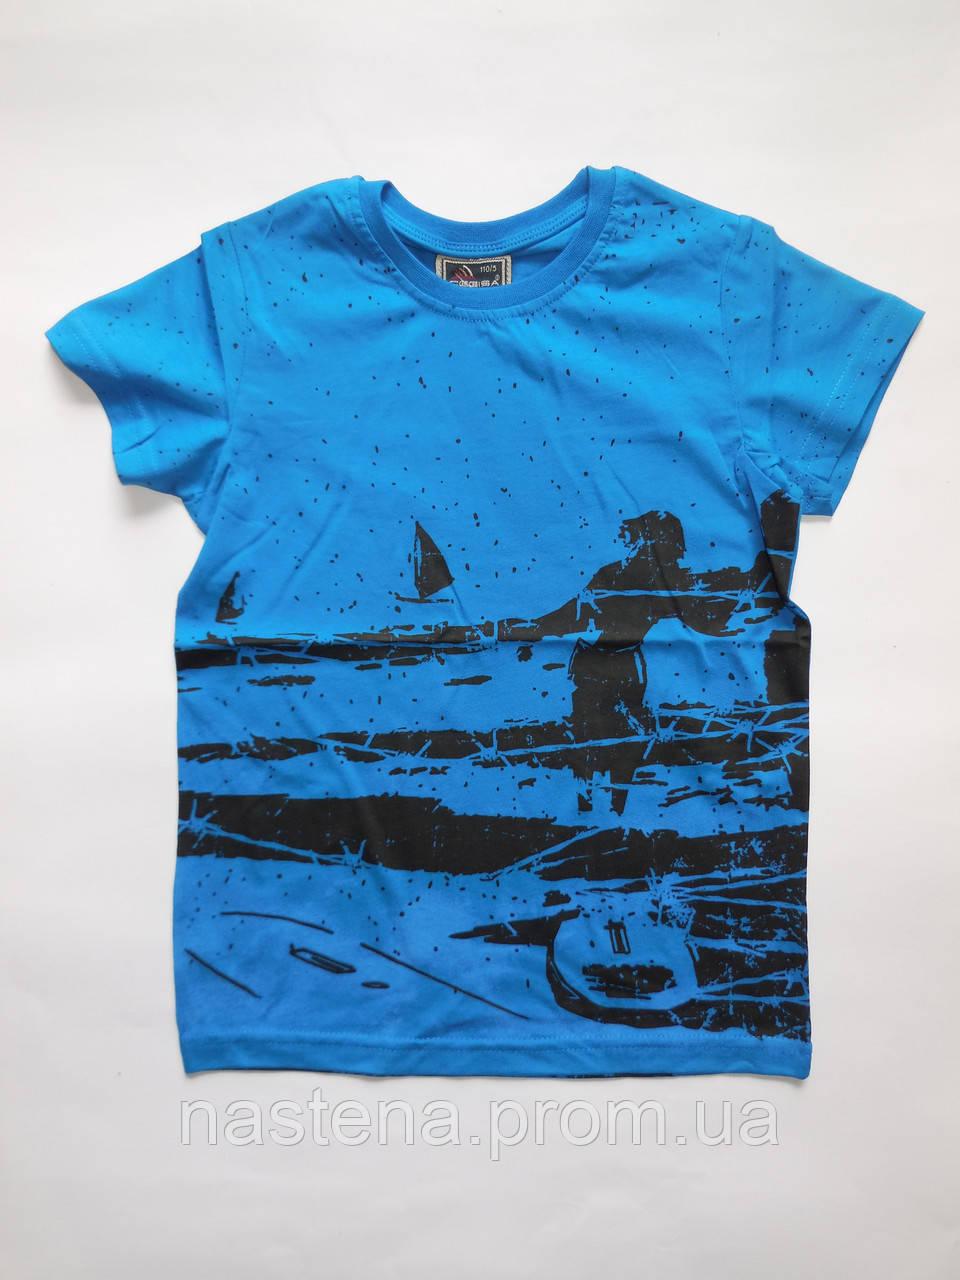 Детская летняя футболка для мальчиков CEGISA от 5 до 8 лет.